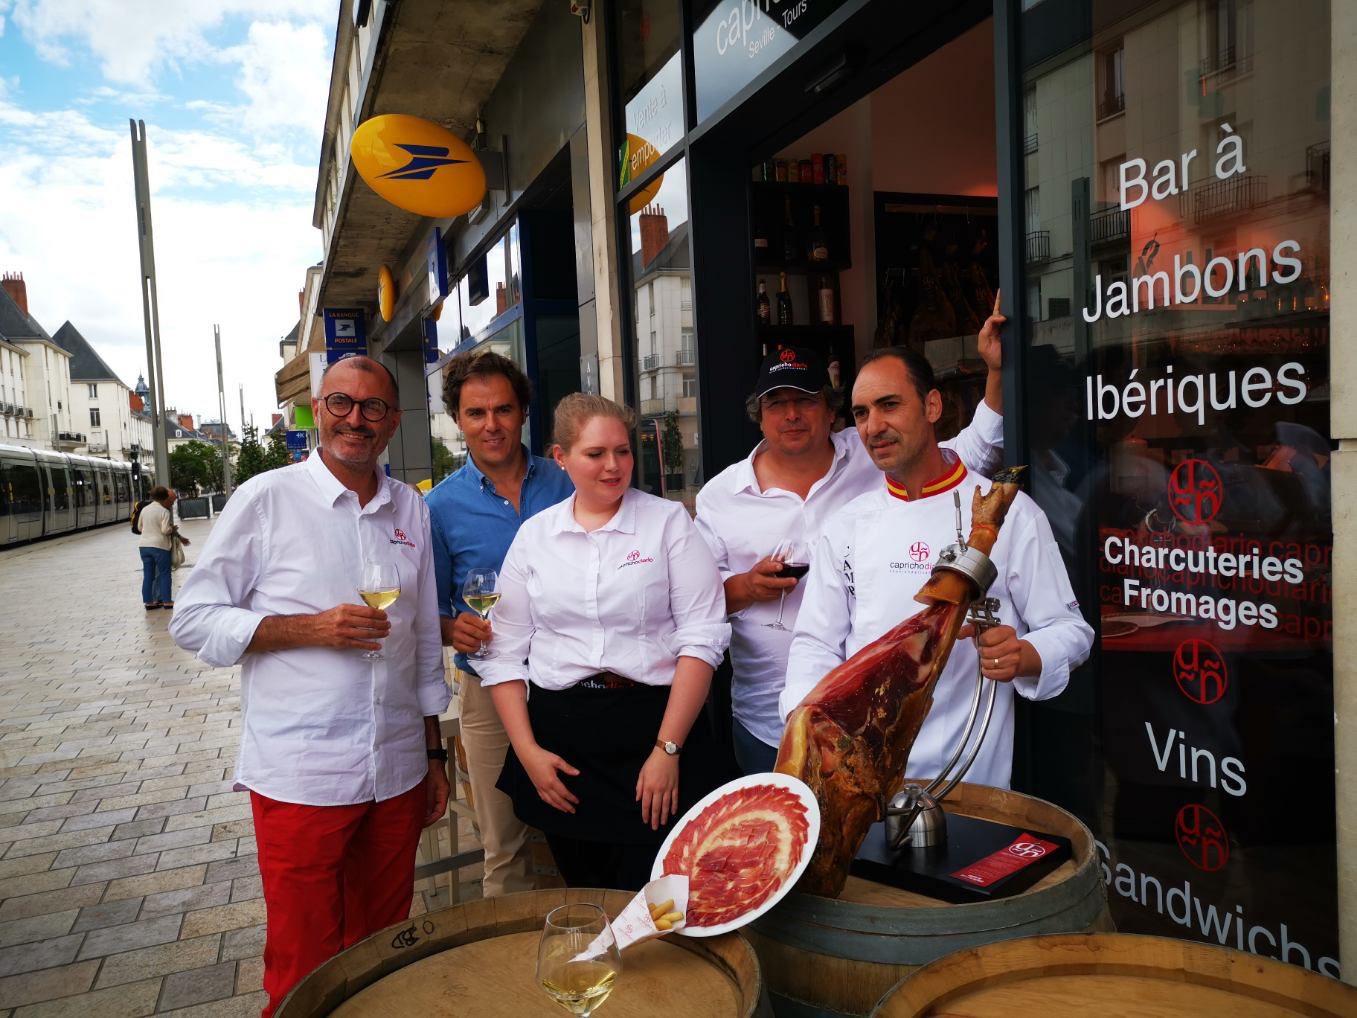 L'Espagne dans votre assiette cet été : le Capricho Diario,   « bar à jambons ibériques », a ouvert rue Nationale